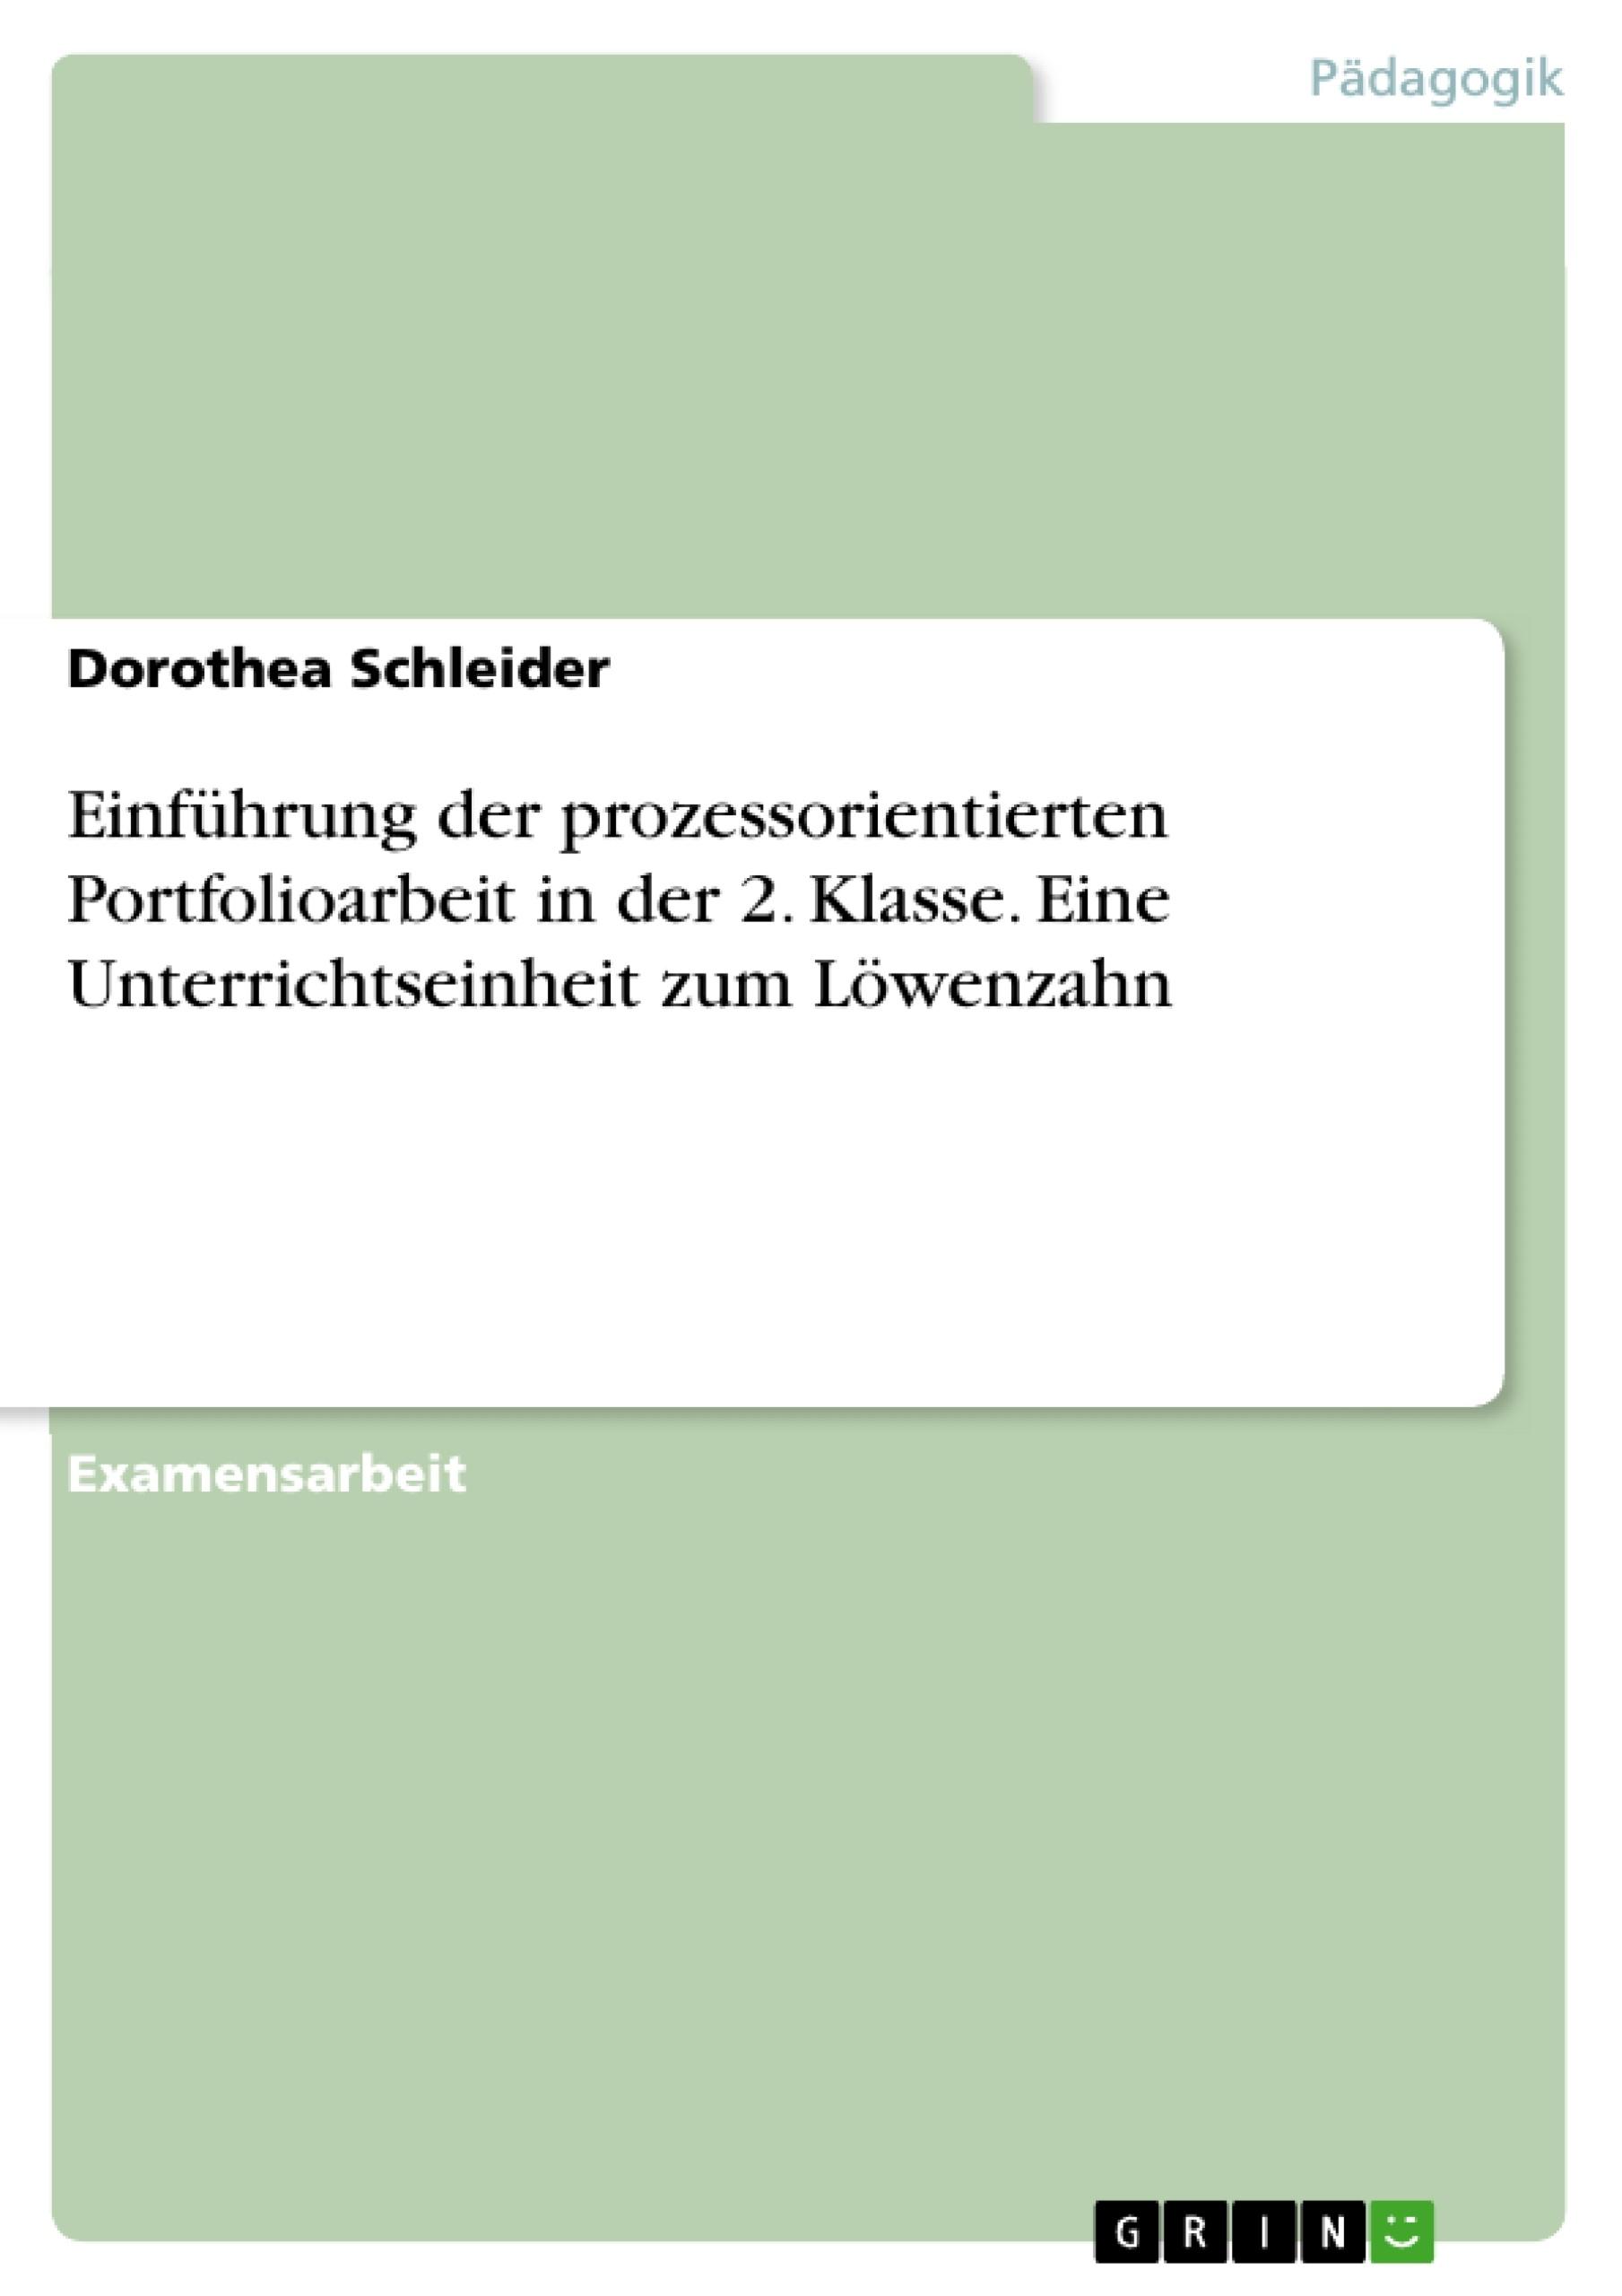 Titel: Einführung der prozessorientierten Portfolioarbeit in der 2. Klasse. Eine Unterrichtseinheit zum Löwenzahn